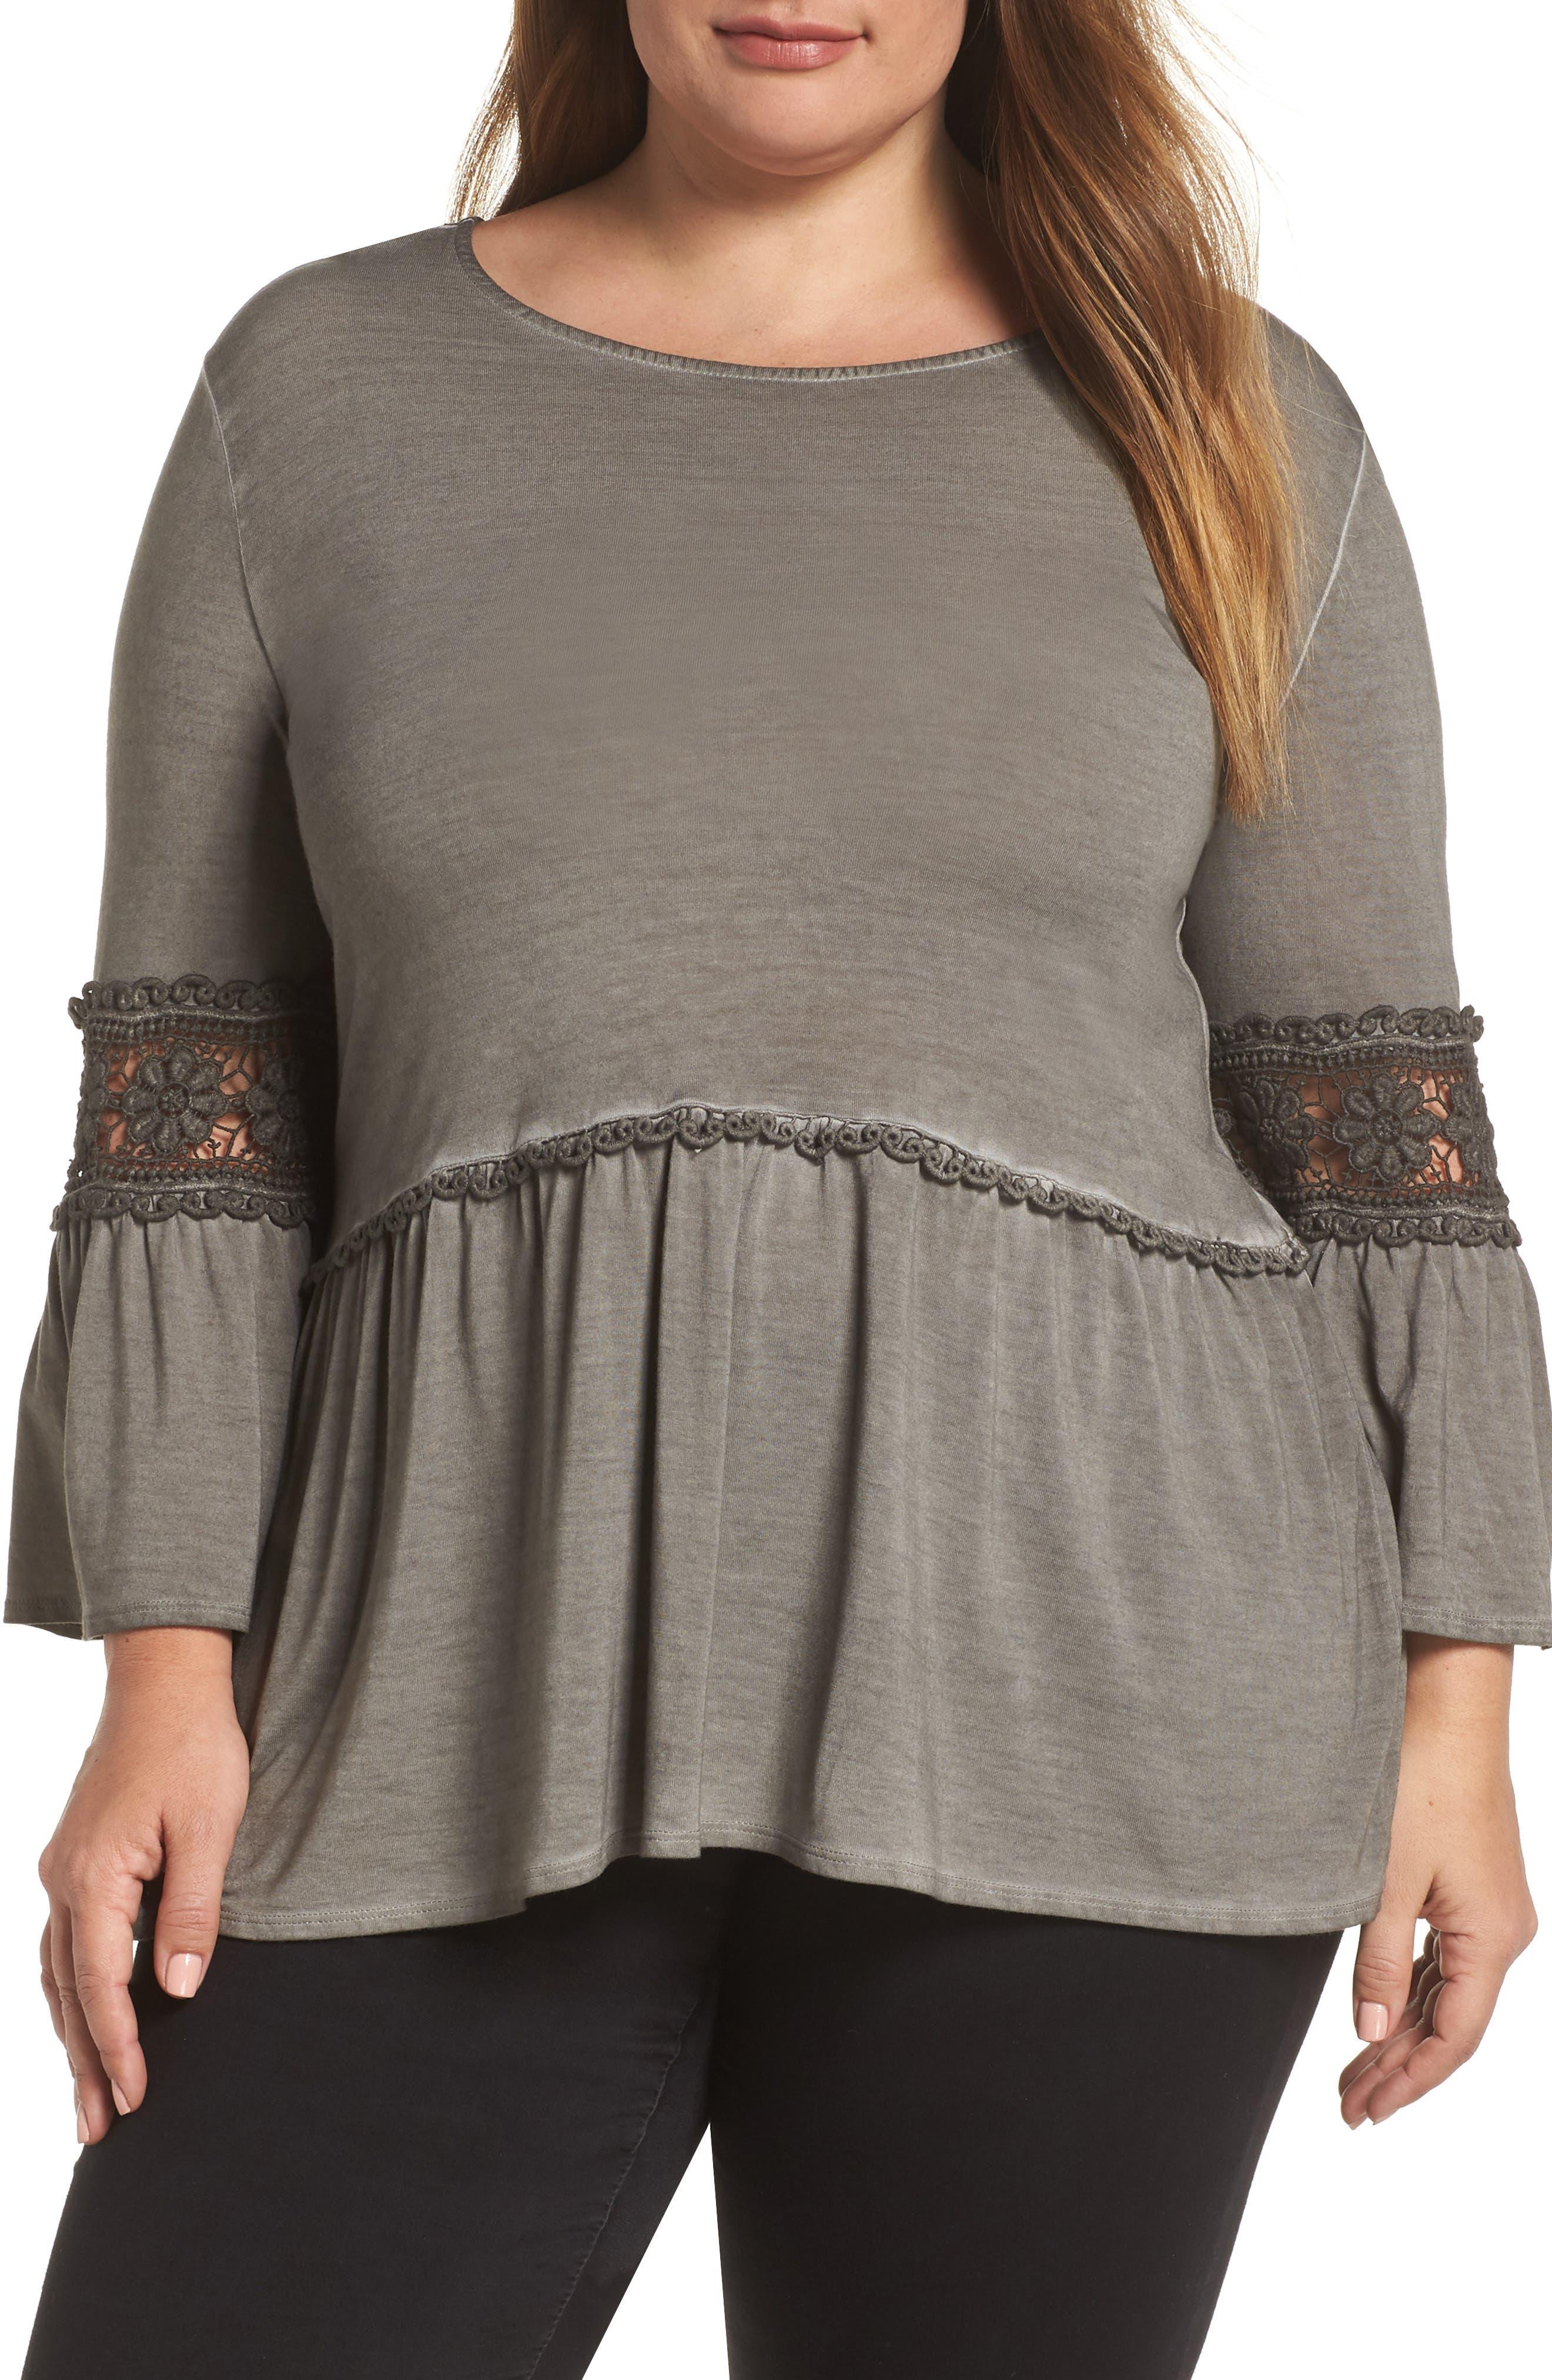 DANTELLE Oil Dye Knit Lace Inset Top, Main, color, FALCON